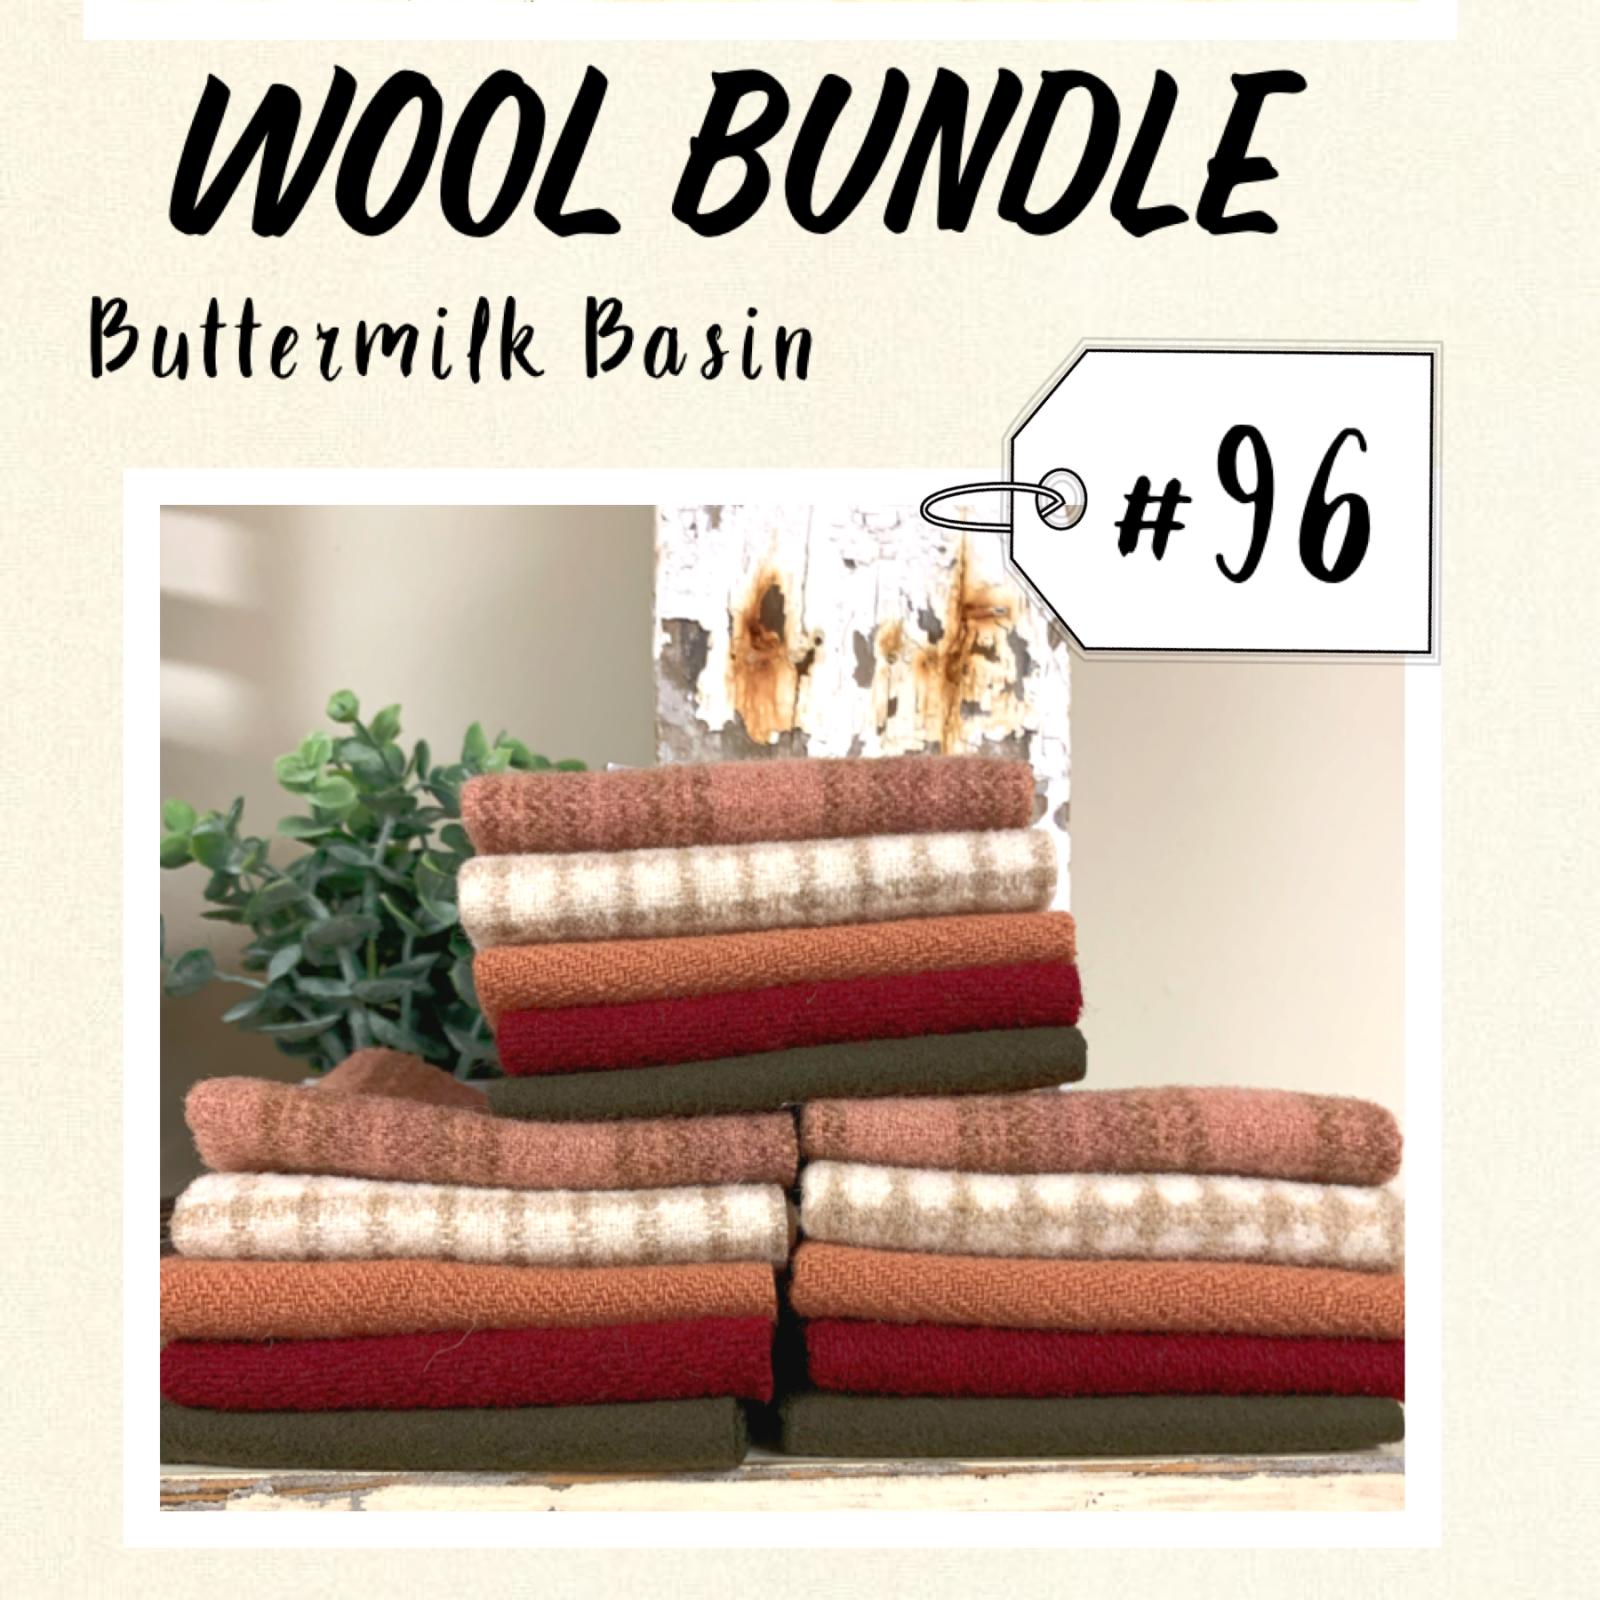 Wool Bundle 96